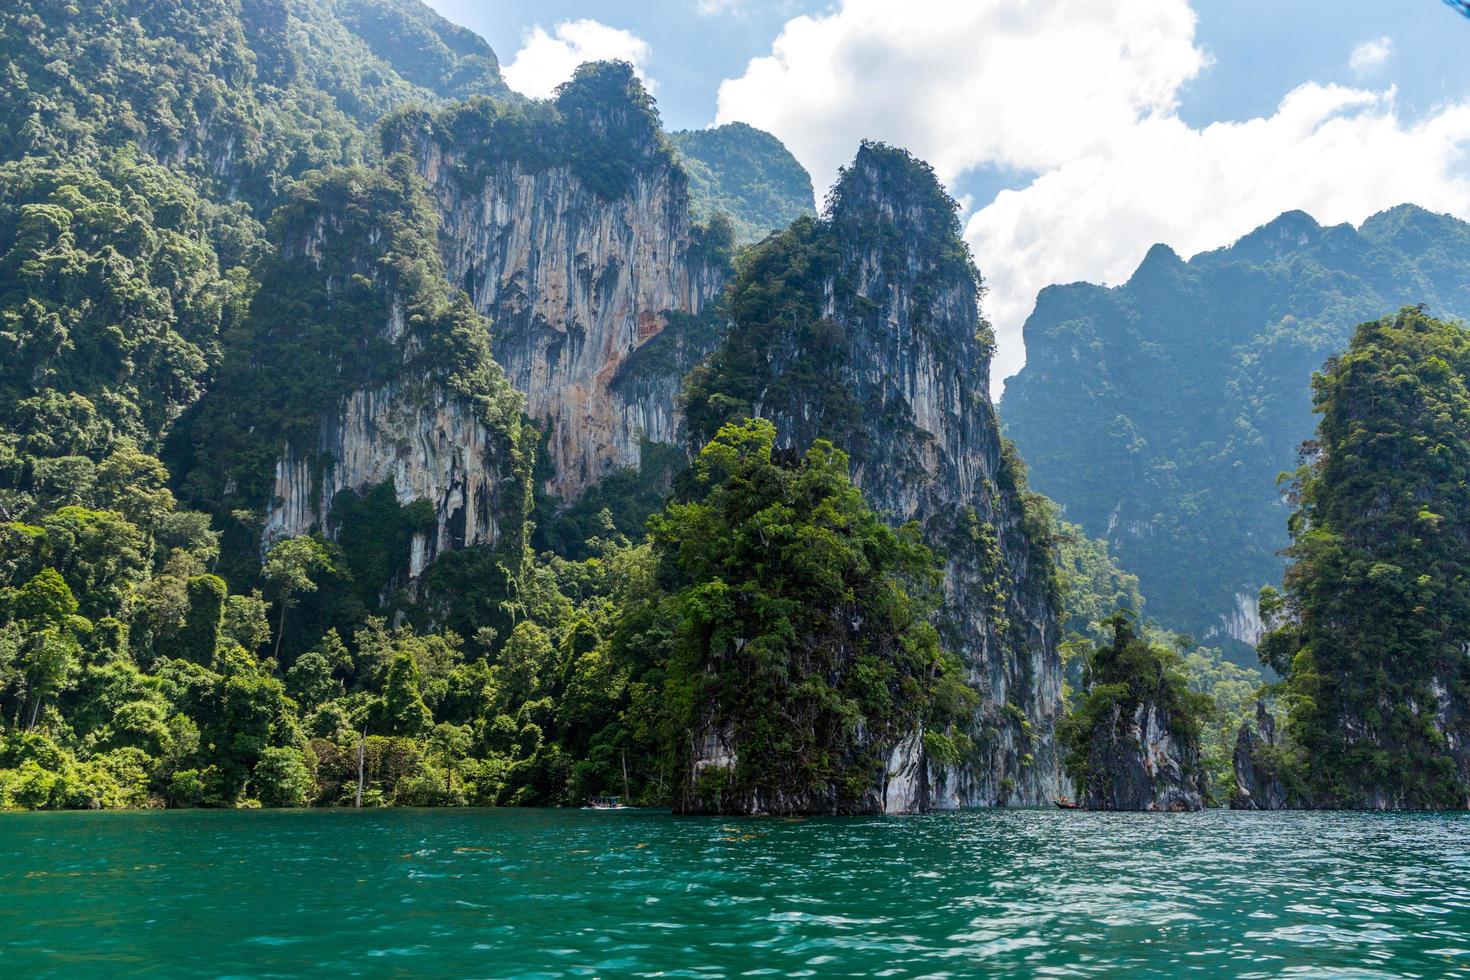 Berge und Wasser mit bewölktem blauem Himmel foto